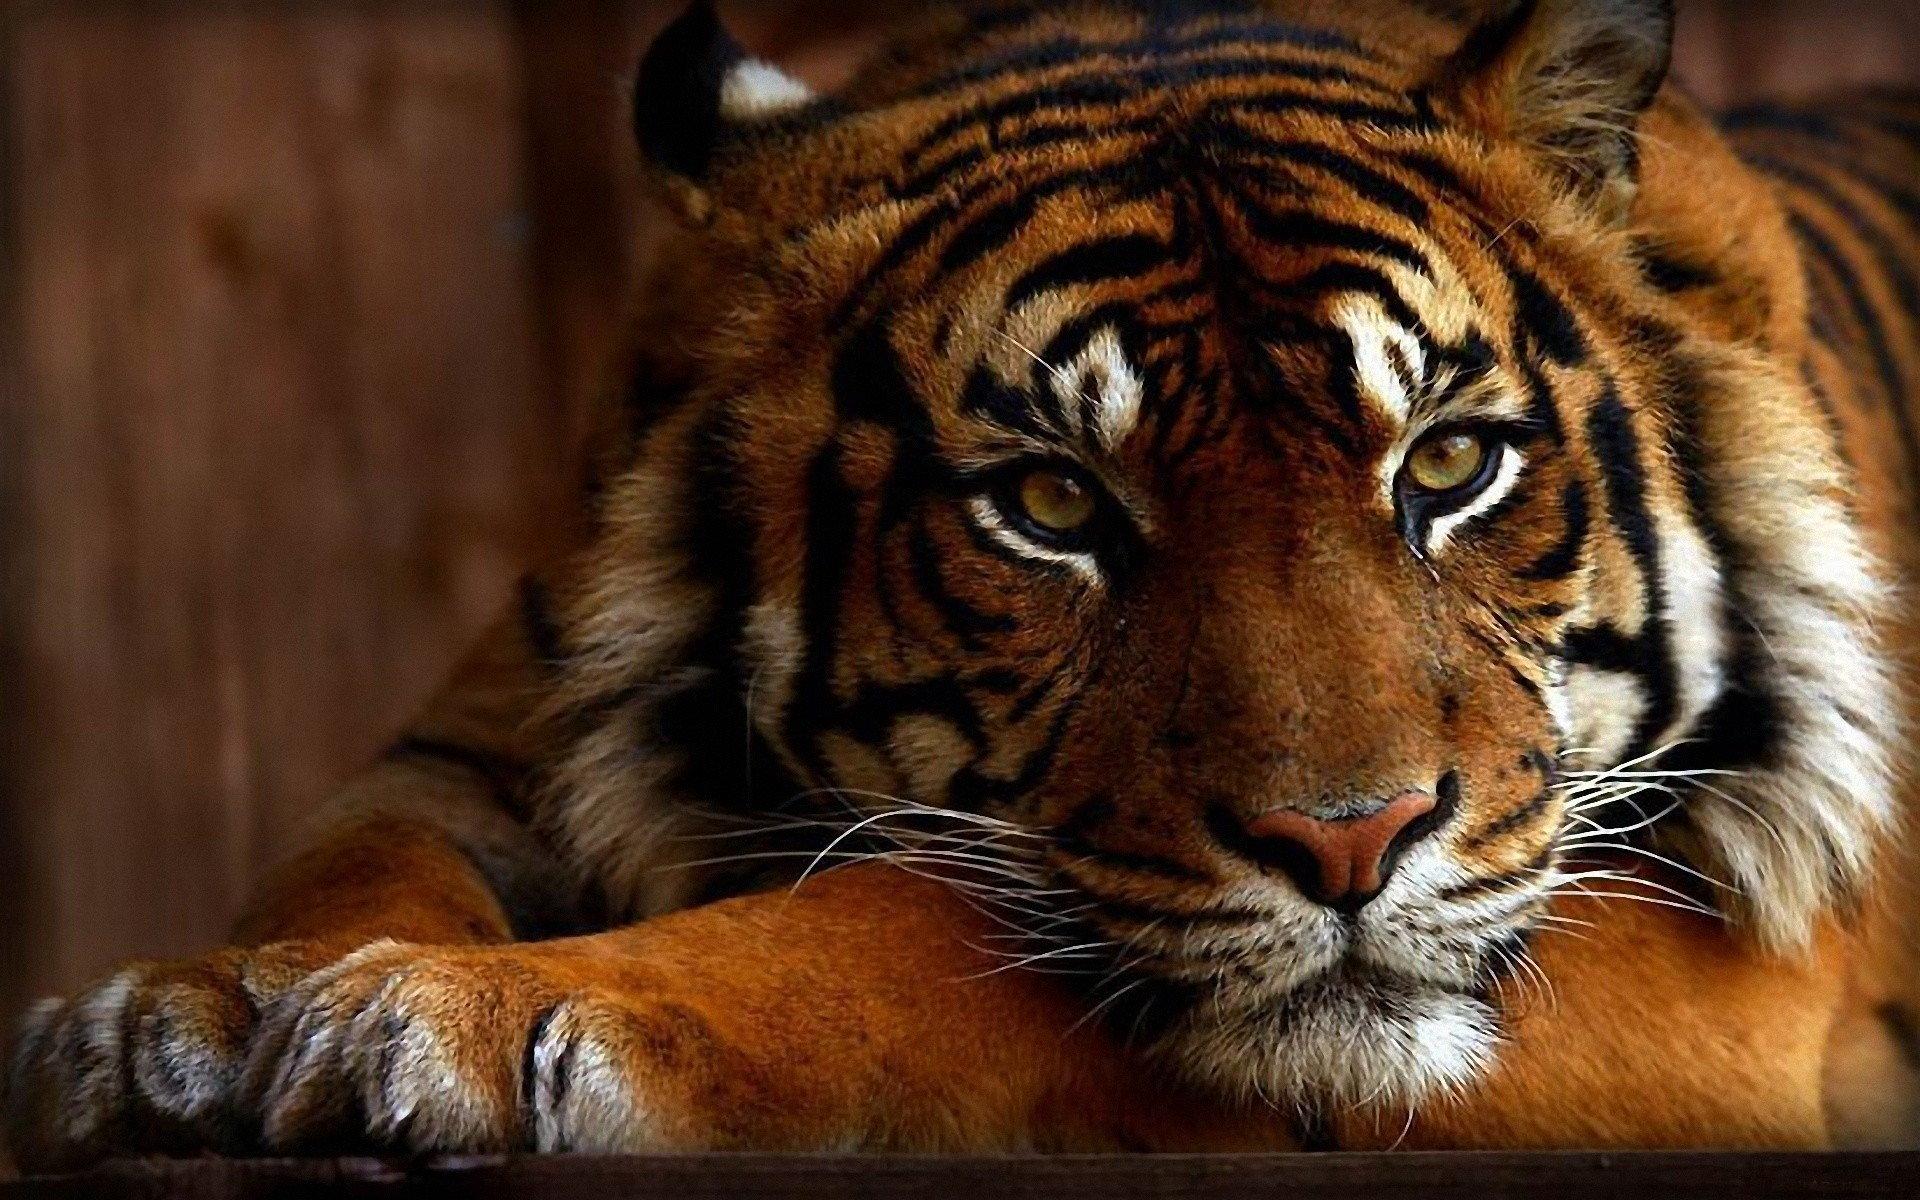 STOP! zabijaniu dzikich zwierząt dla pieniędzy!